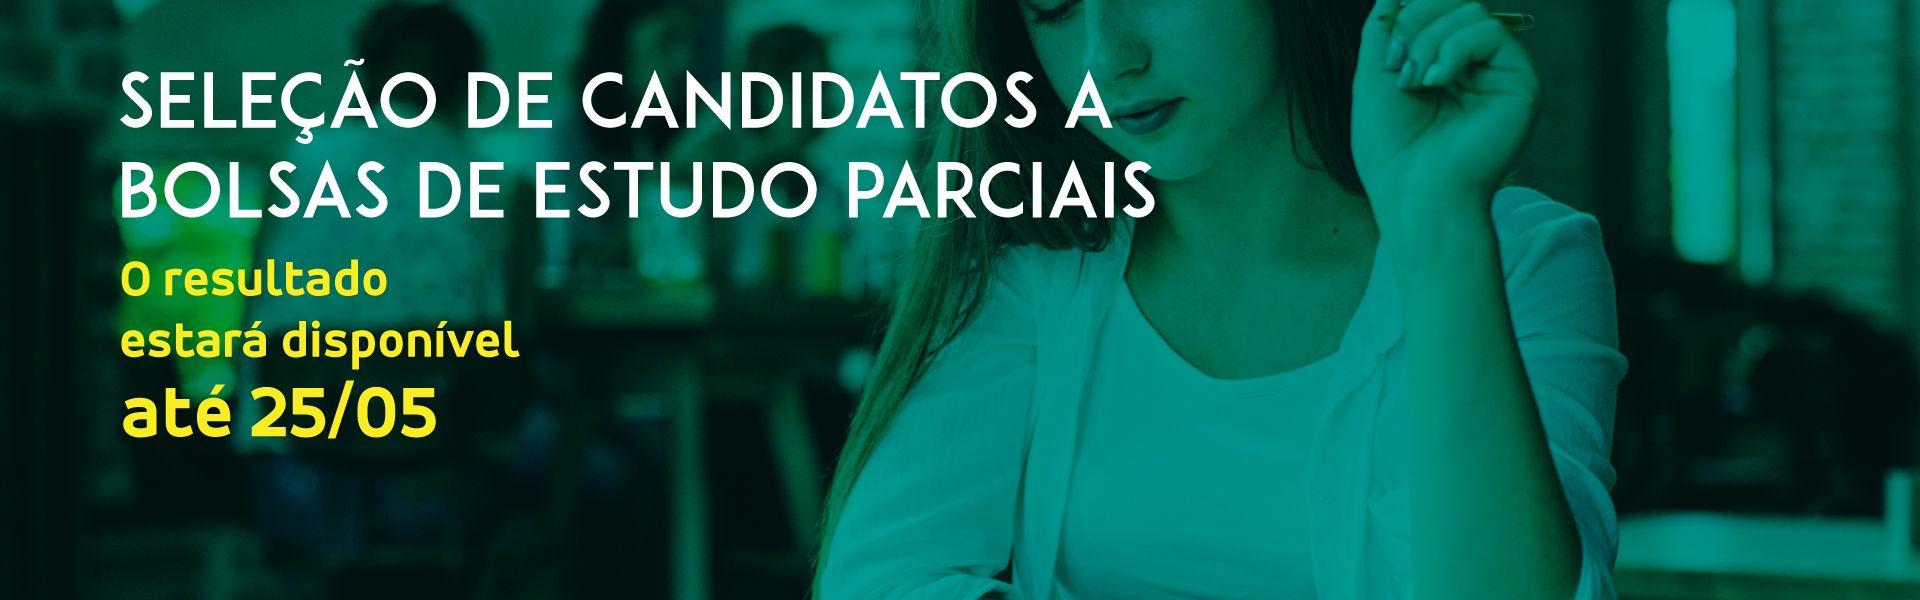 BOLSAS PARCIAIS